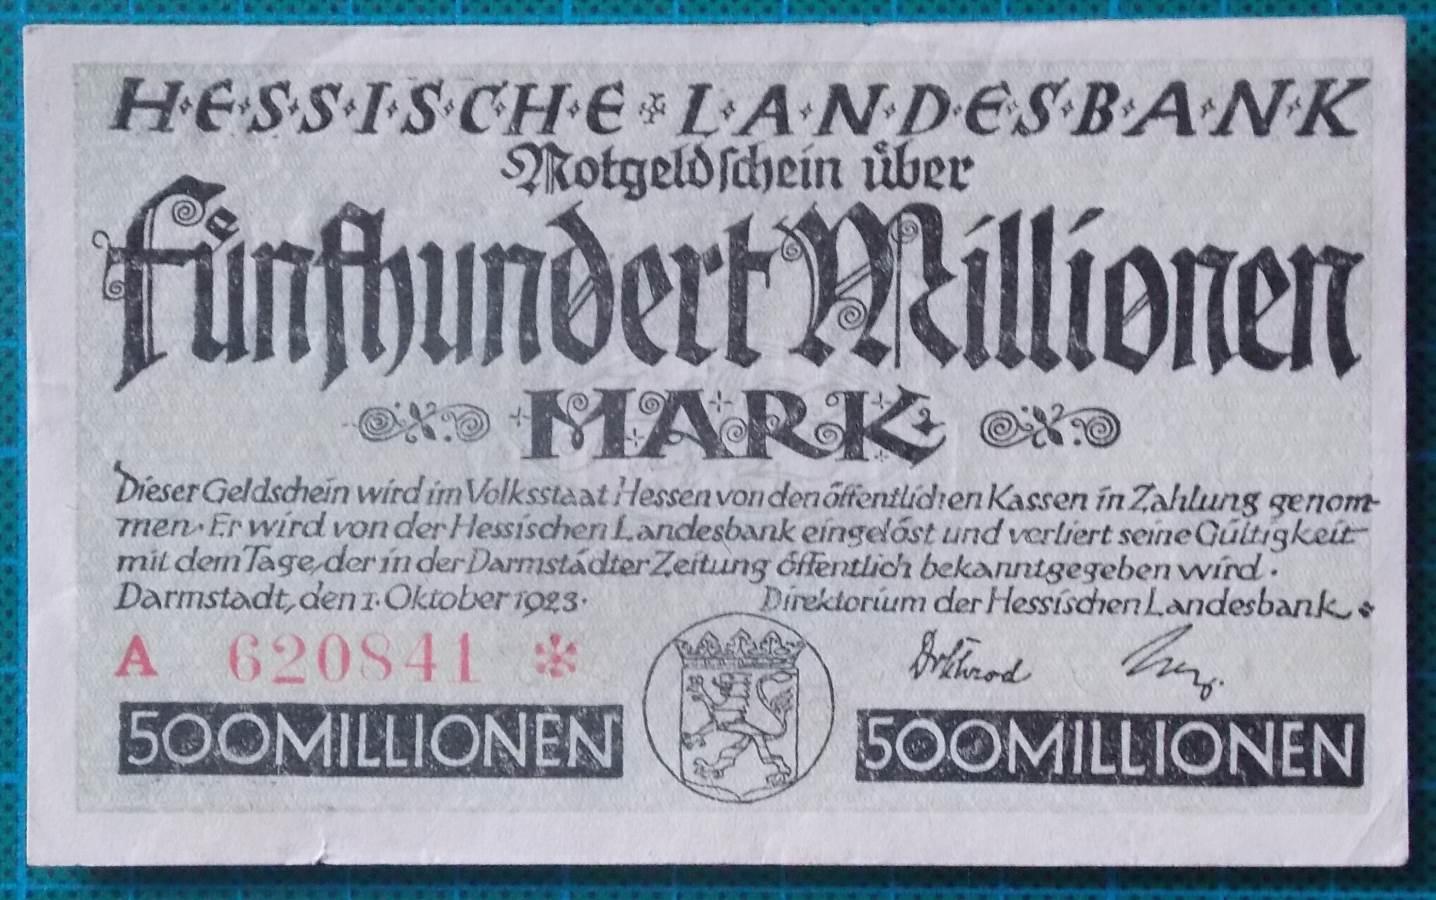 1923 HESSISCHE LANDESBANK 500 MILLION MARK A620841